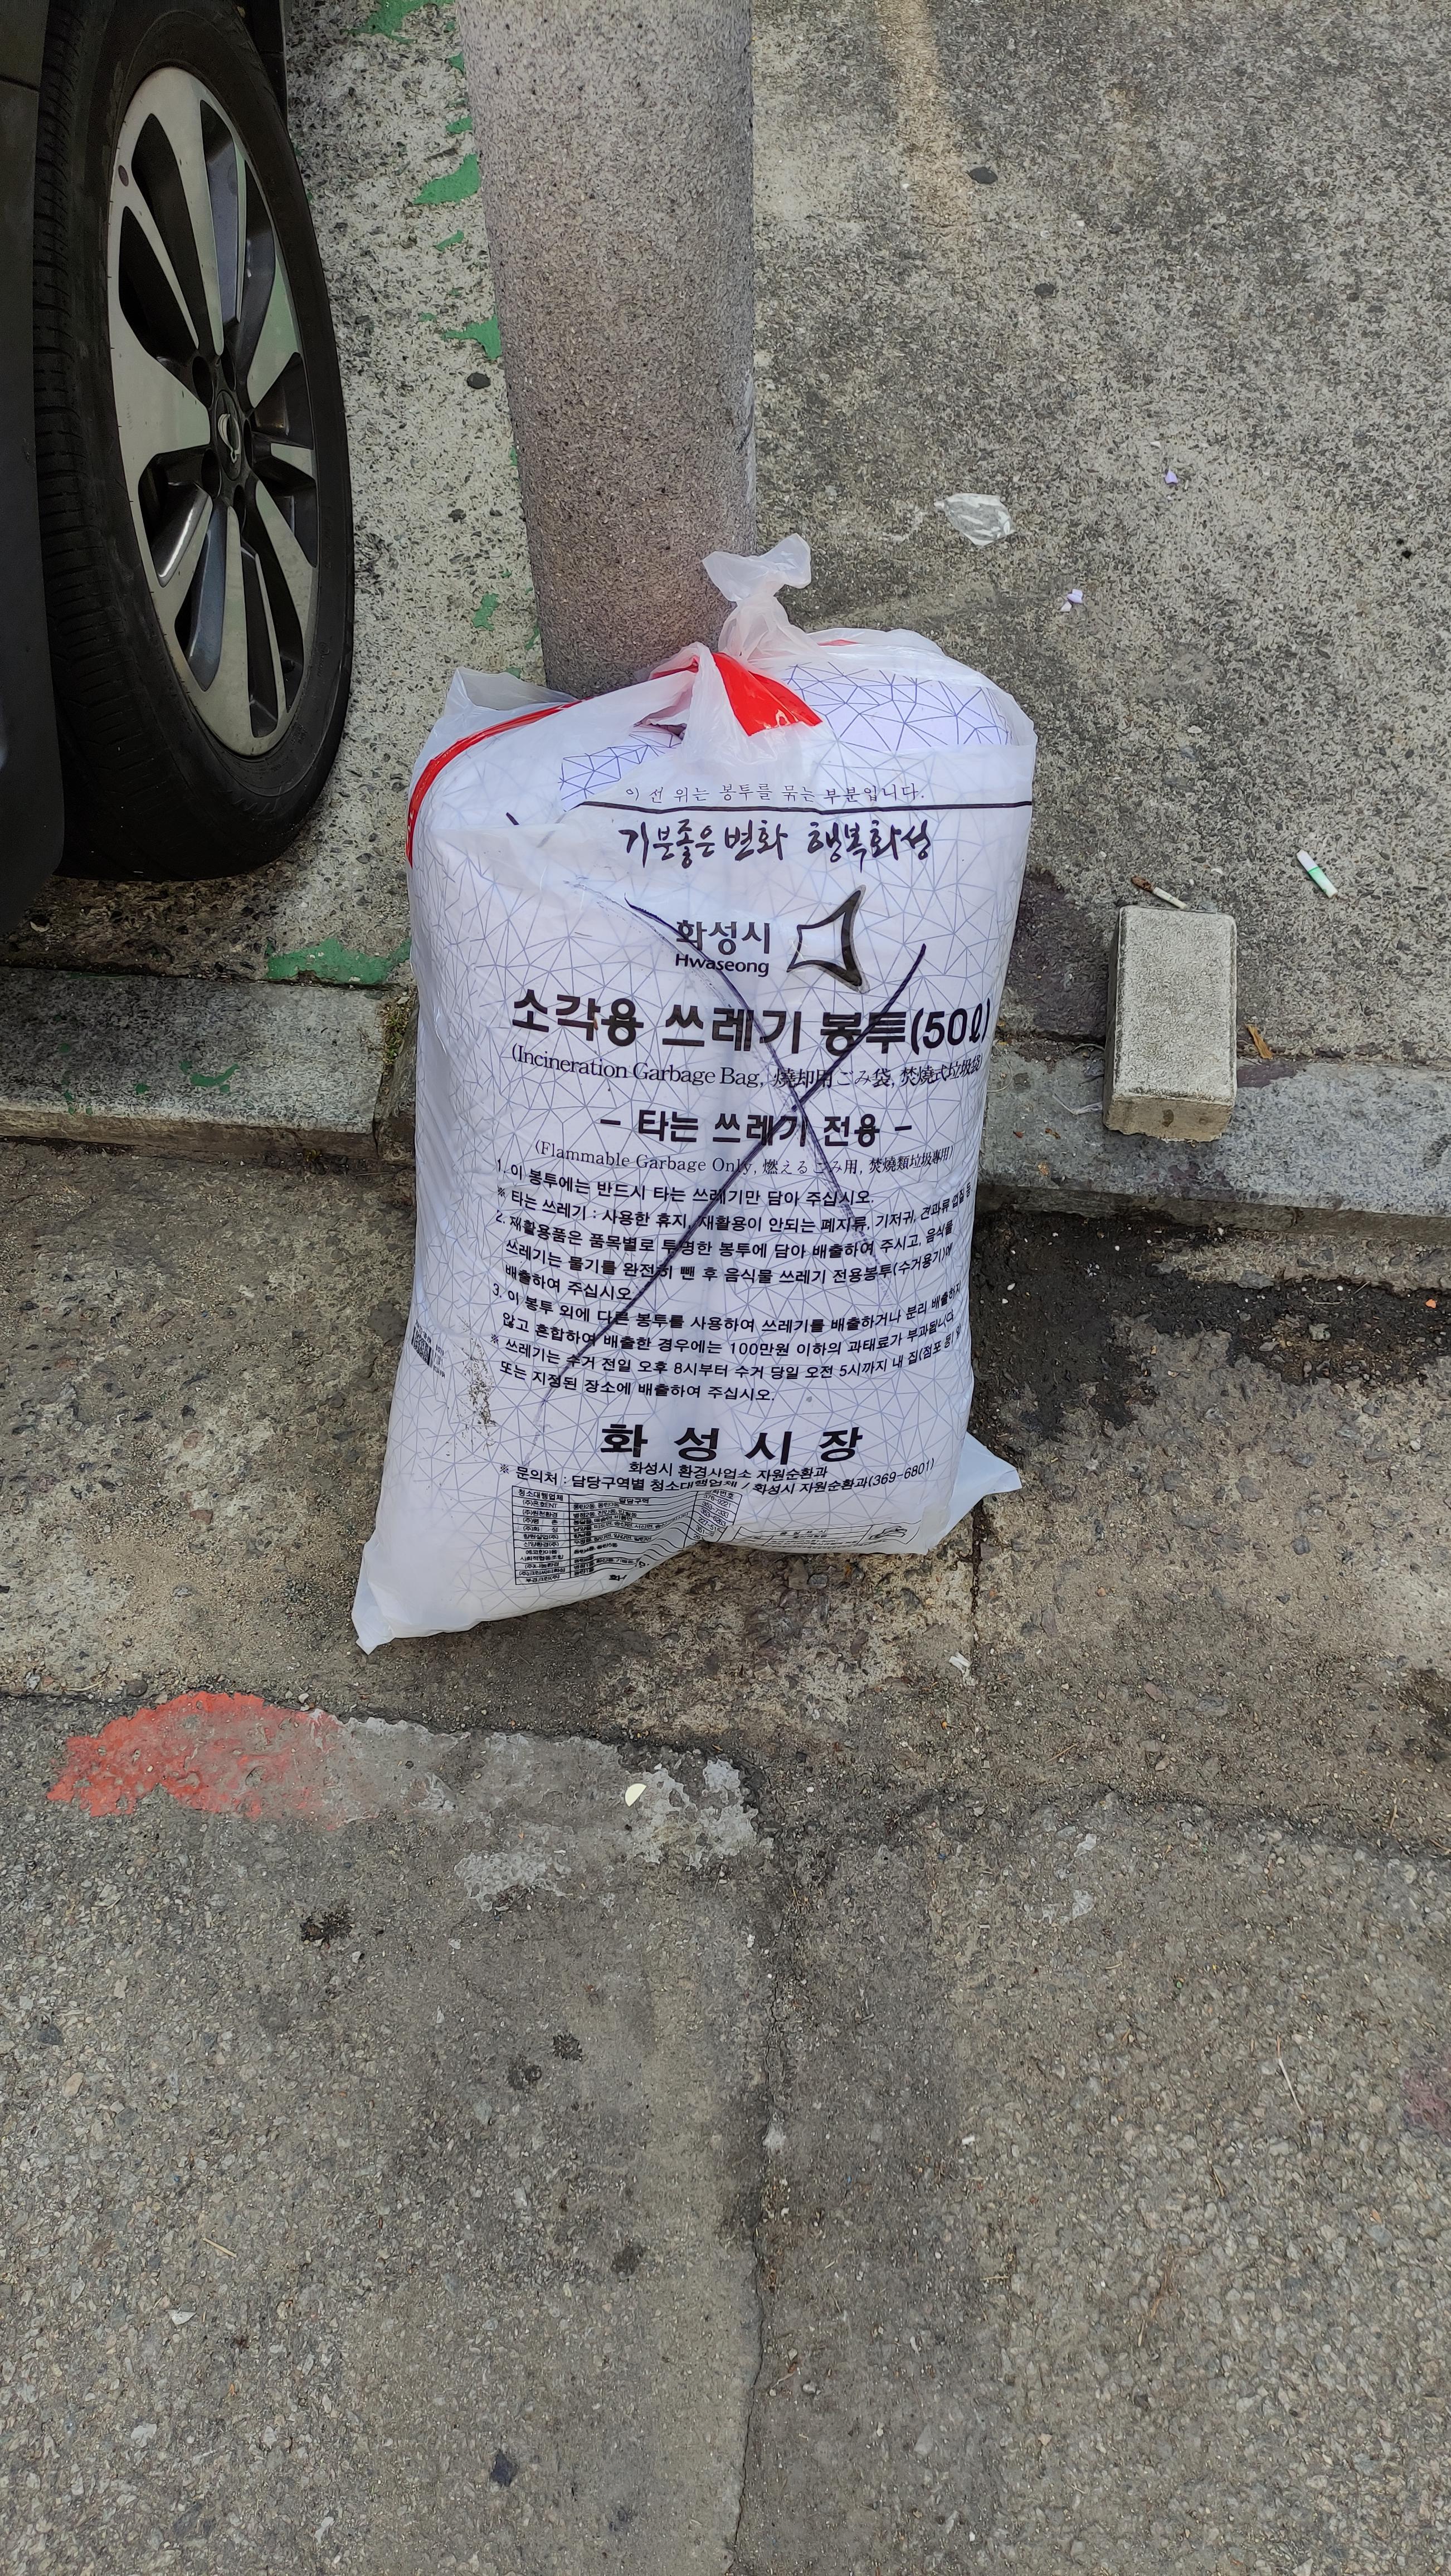 화성시는 쓰레기 봉투에 바디필로우를 담아서 배출하면 수거 안함